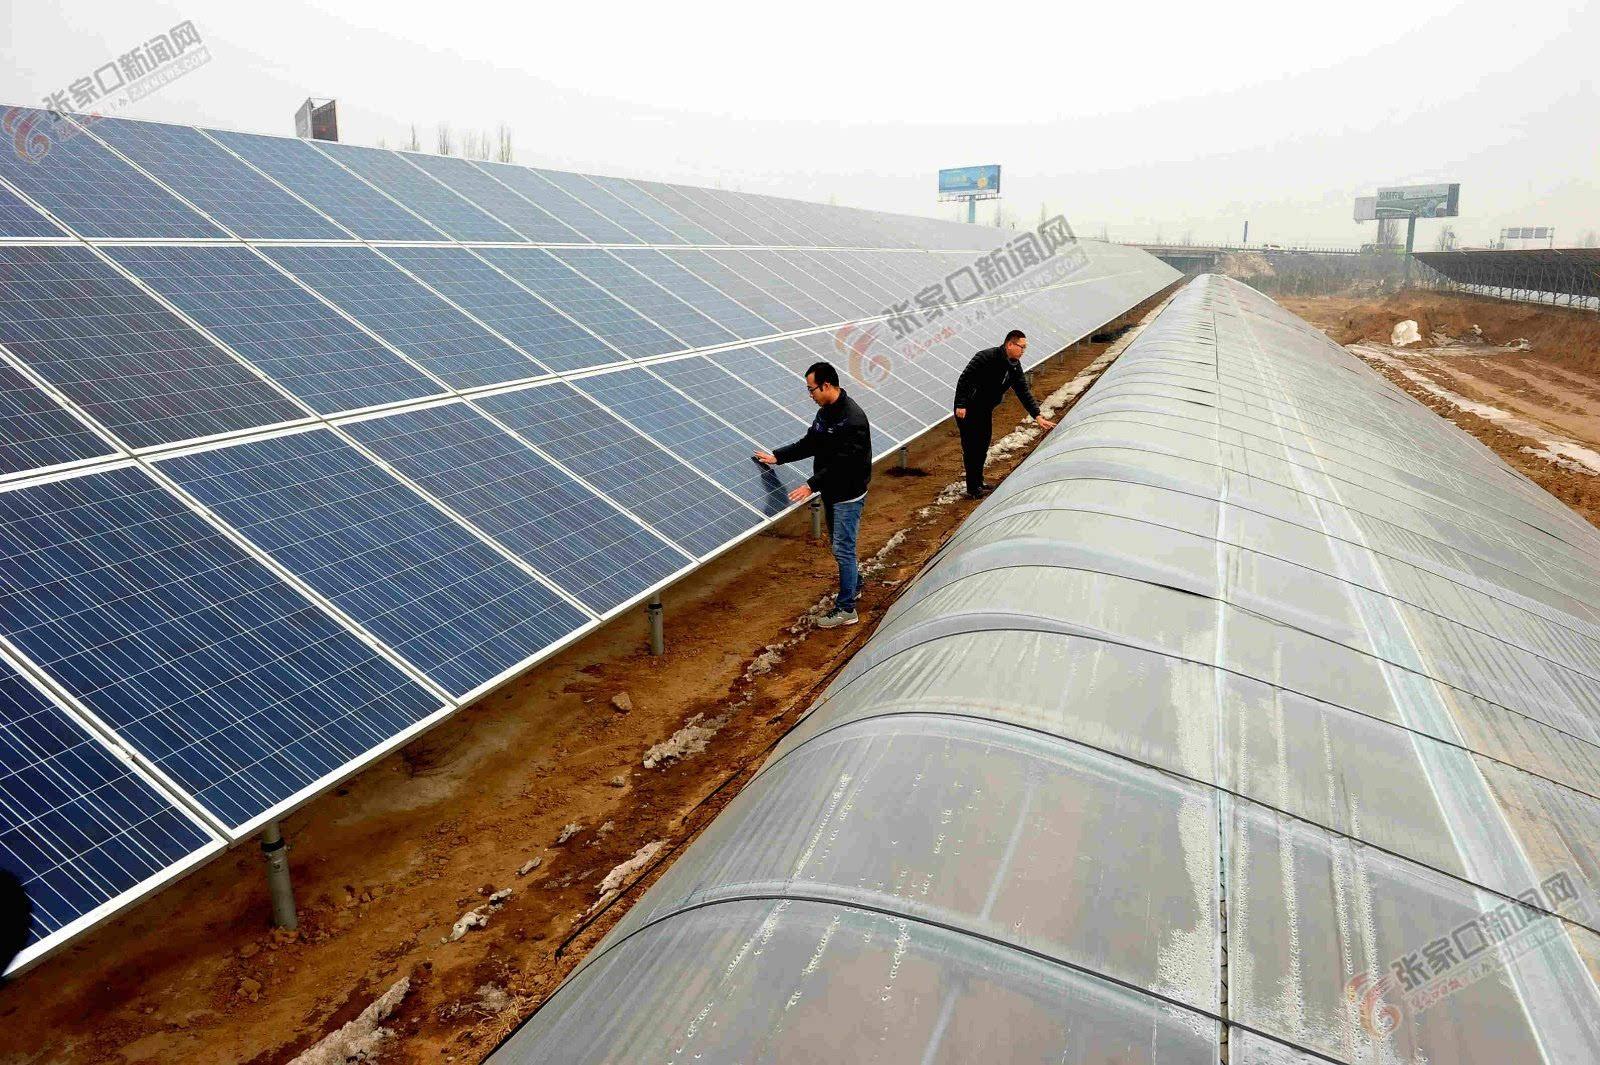 大棚土墙上安装光伏太阳能发电电池板.